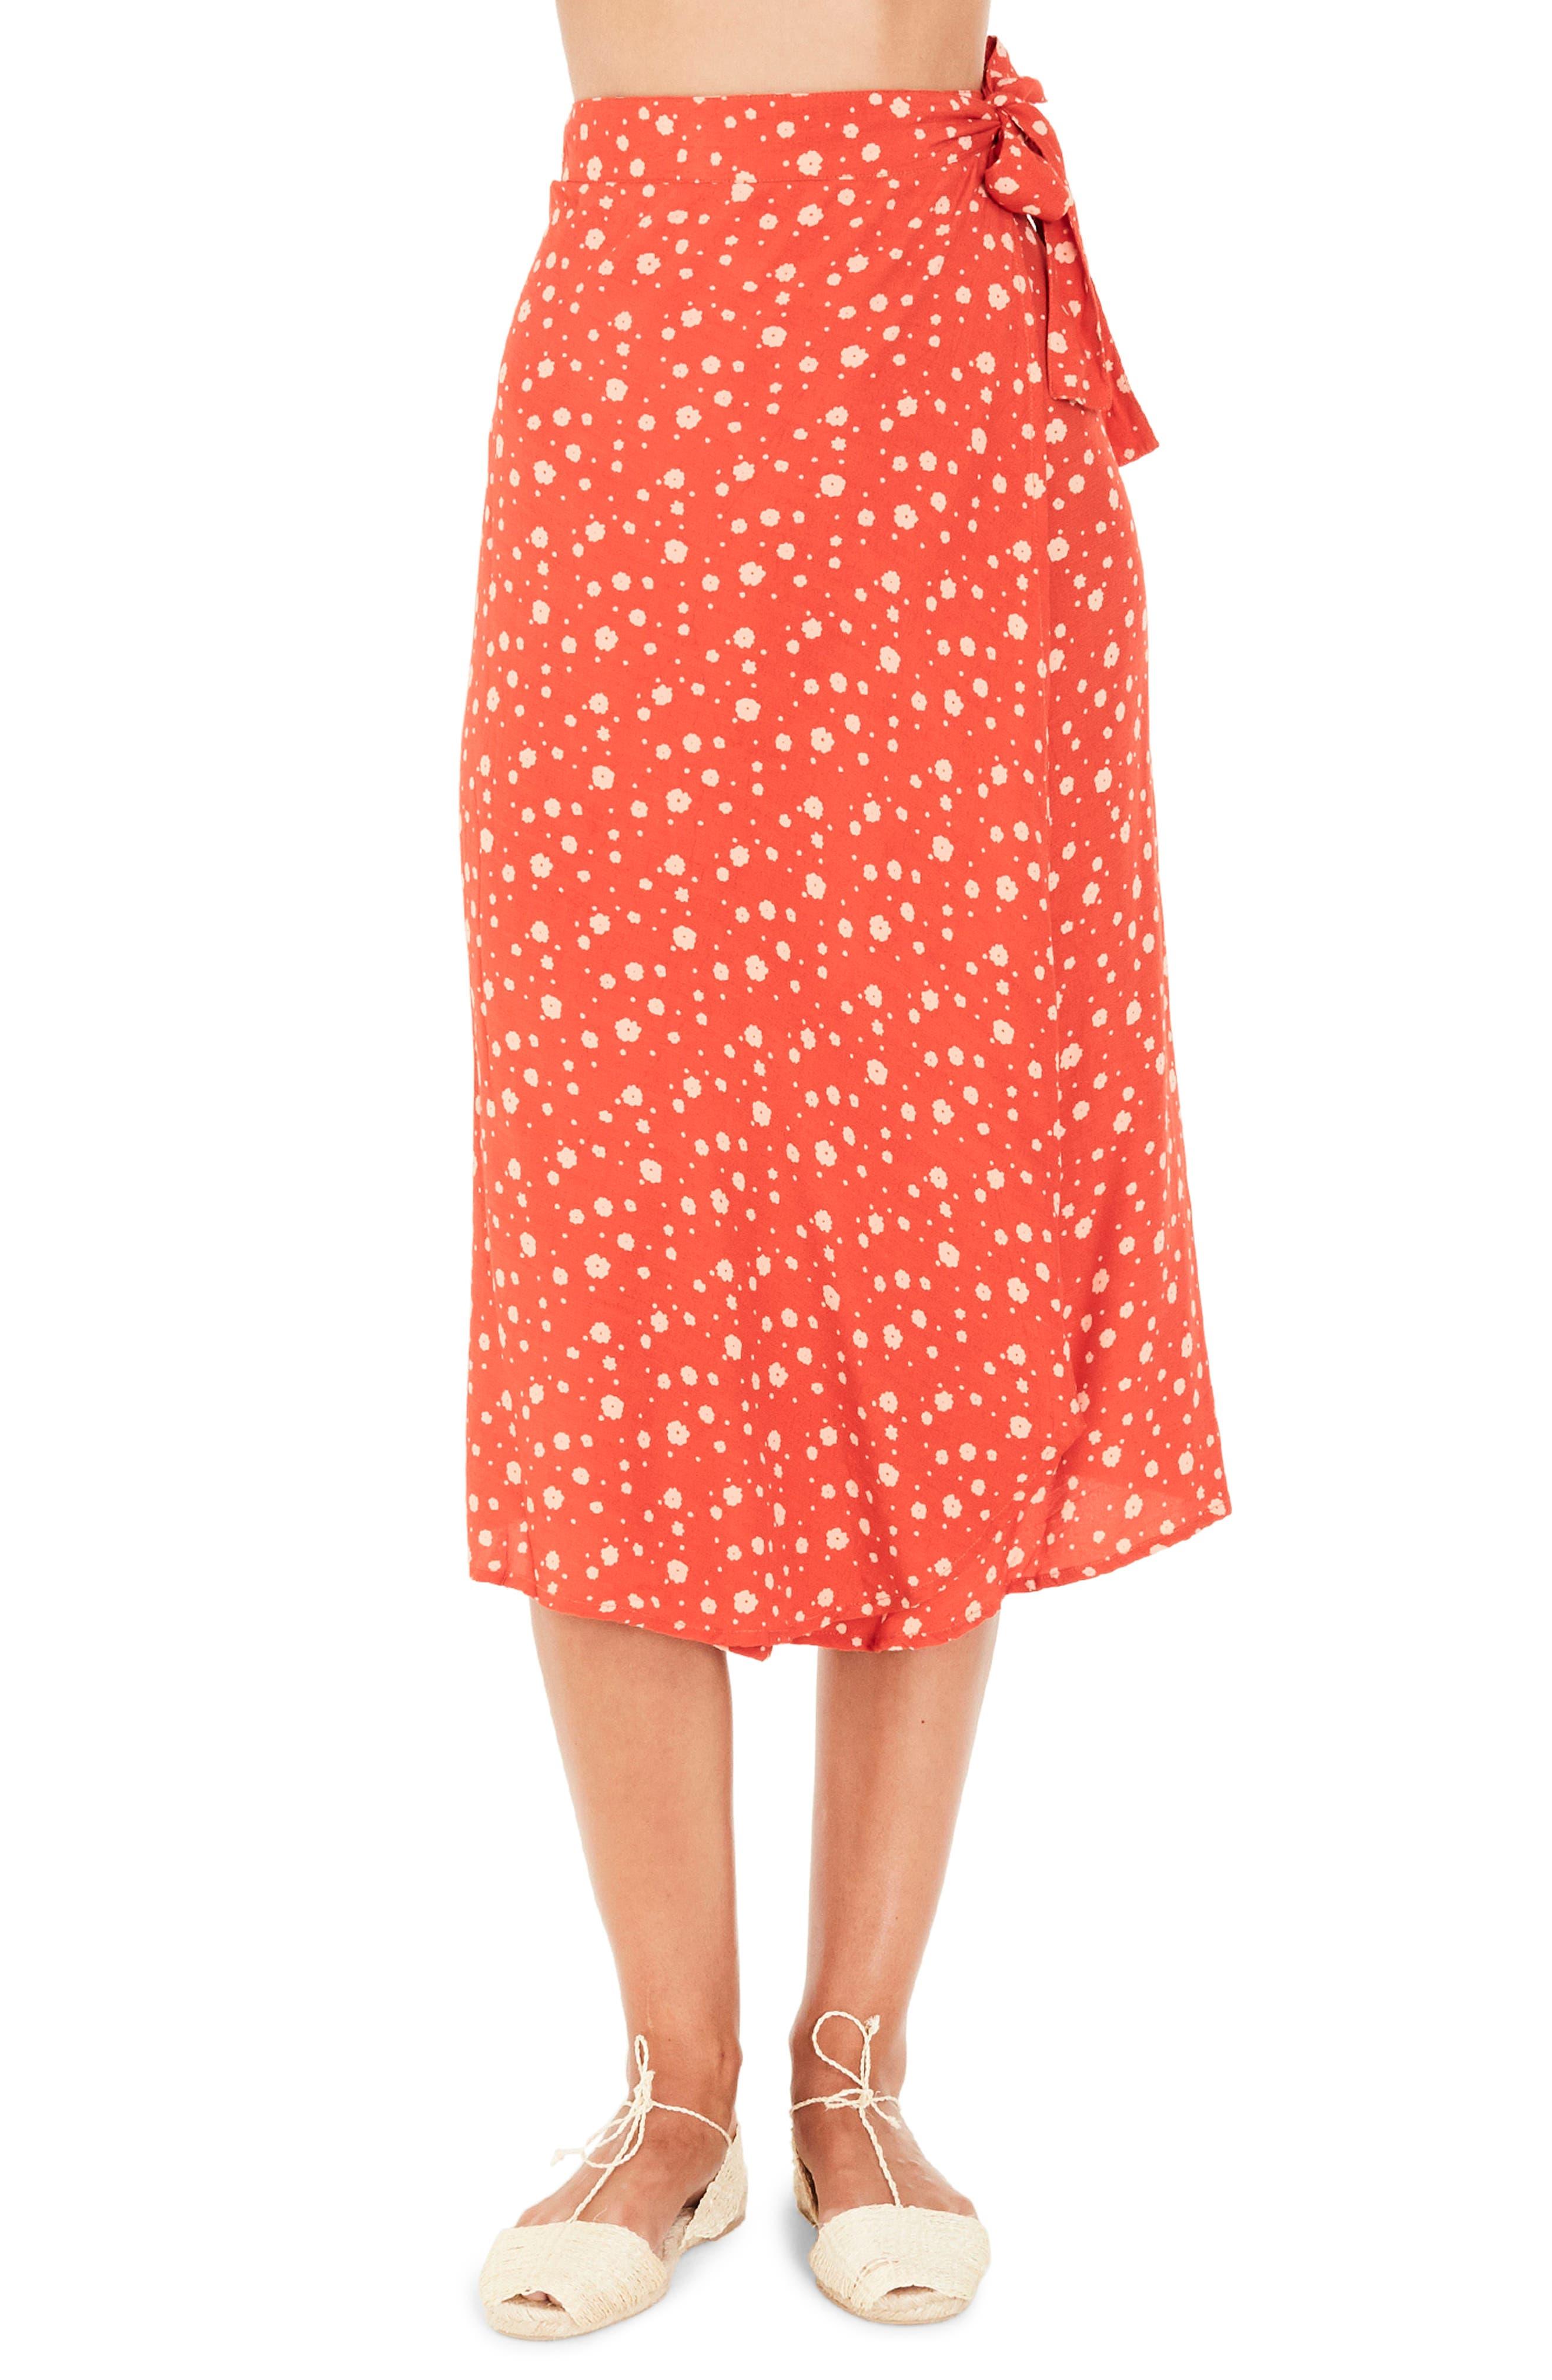 FAITHFULL THE BRAND Linnie Wrap Skirt